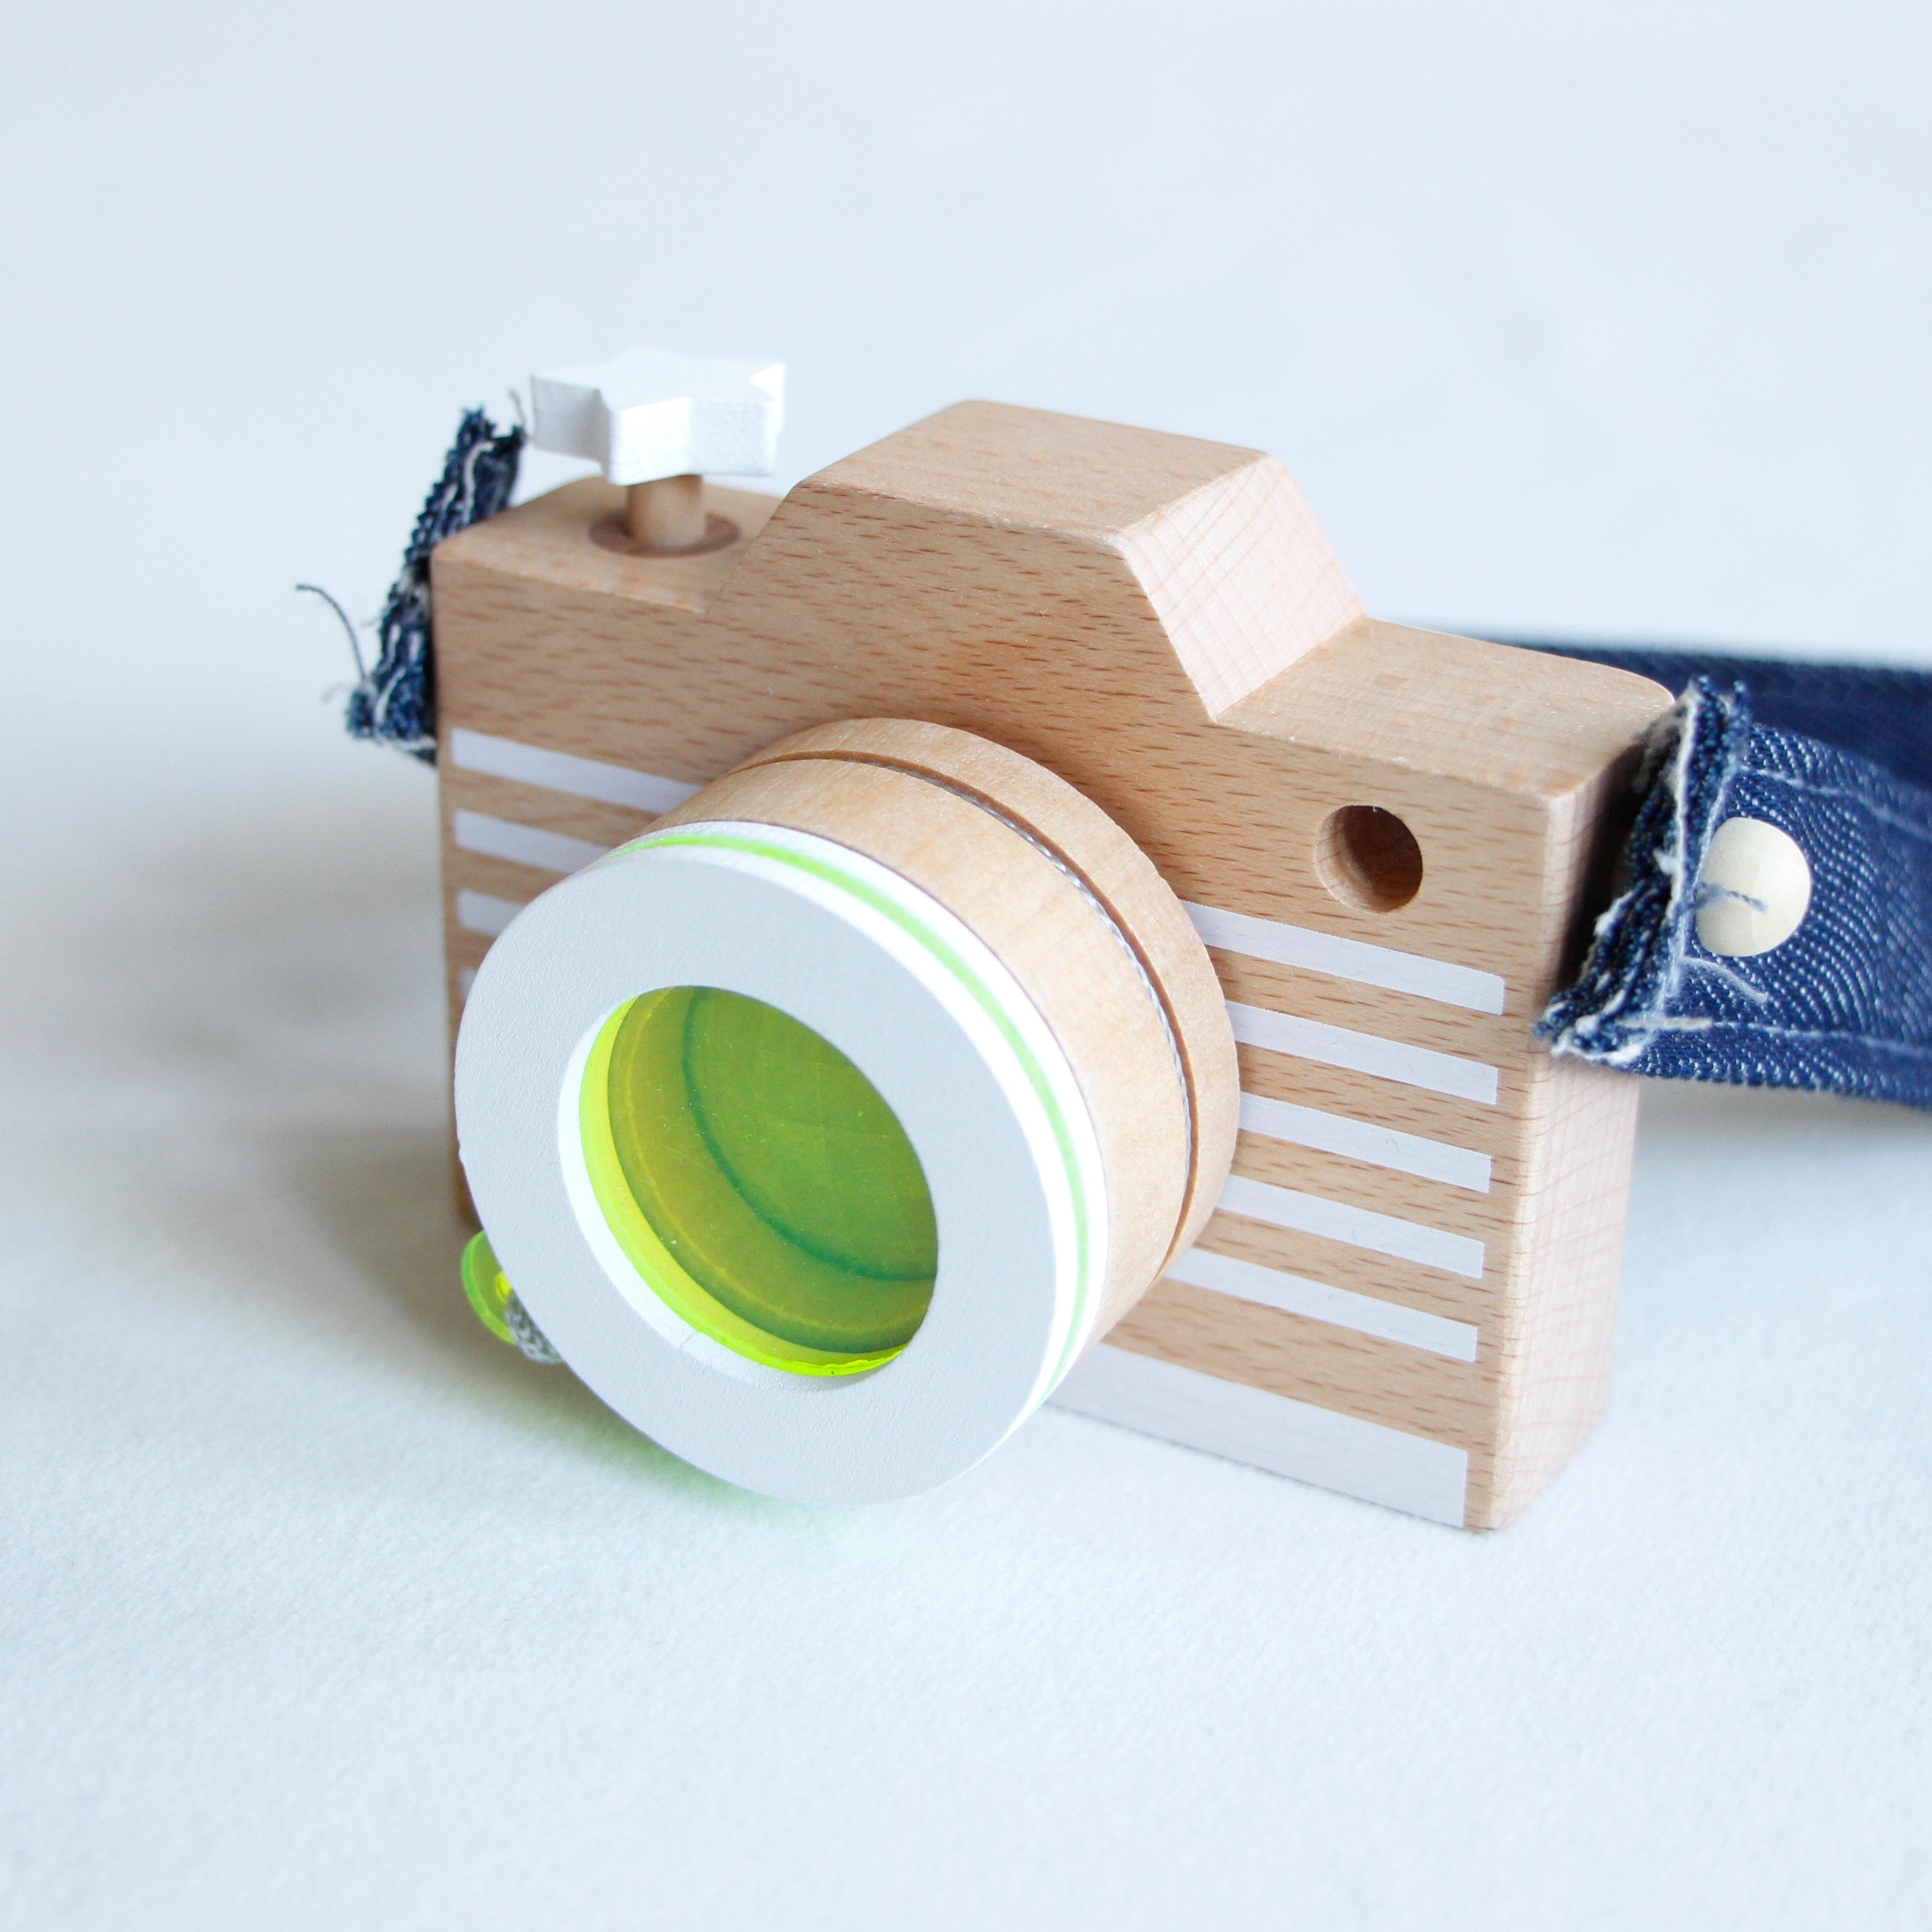 《kiko+》camera / イエロー